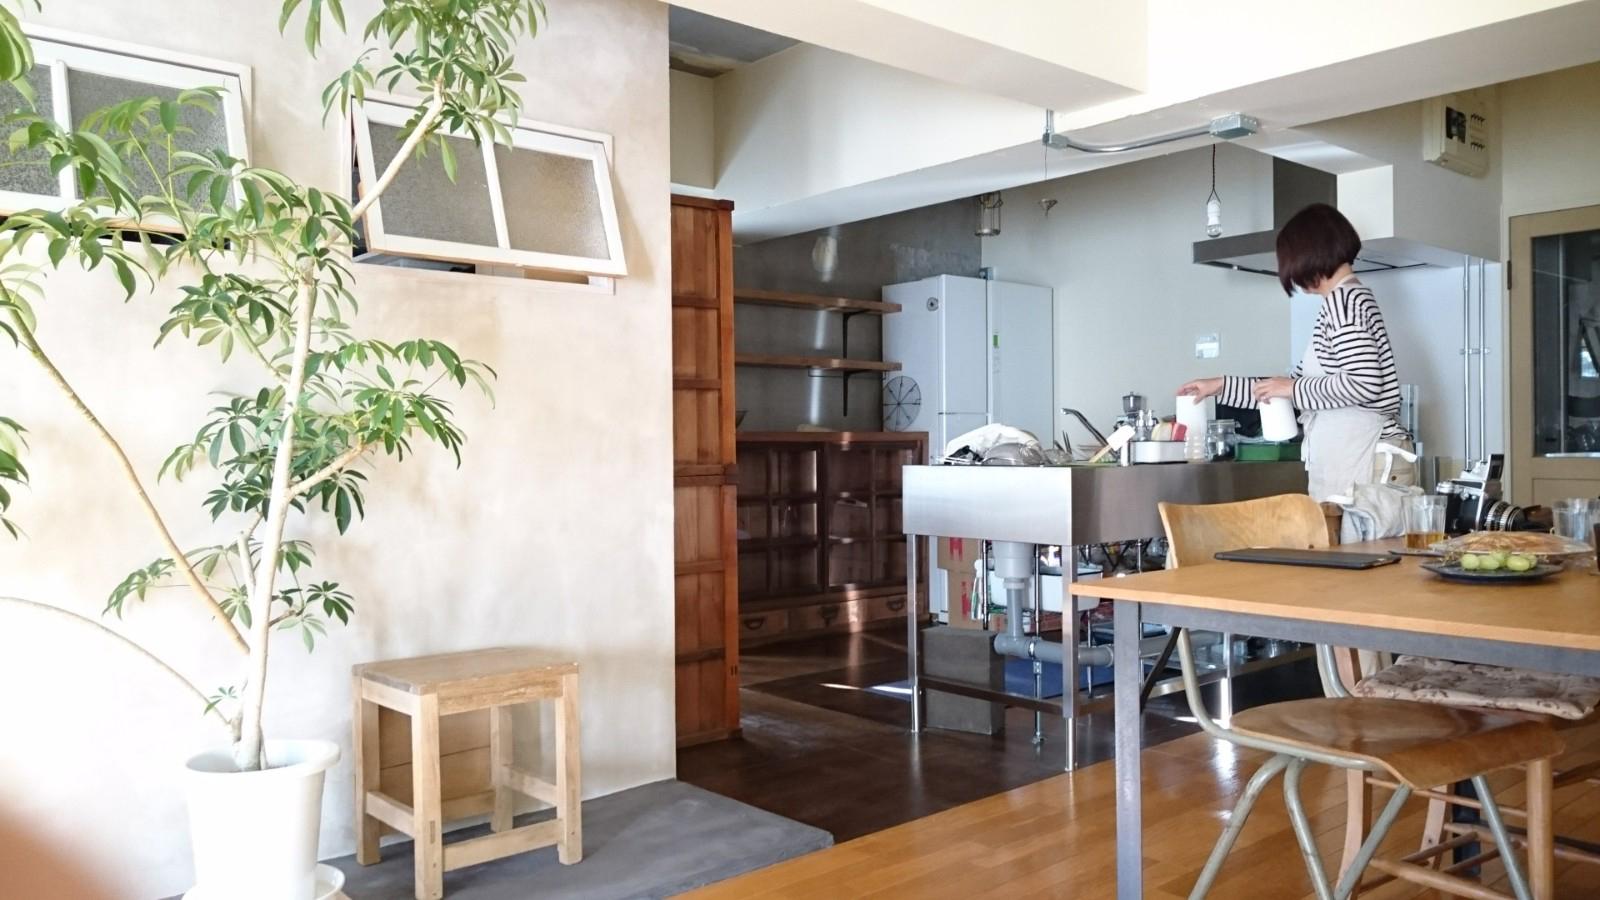 今まで集めてきた好きな食器やツールが活き、お気に入りの家具に収まって並べたり使ったりする楽しみも同時に生まれました。